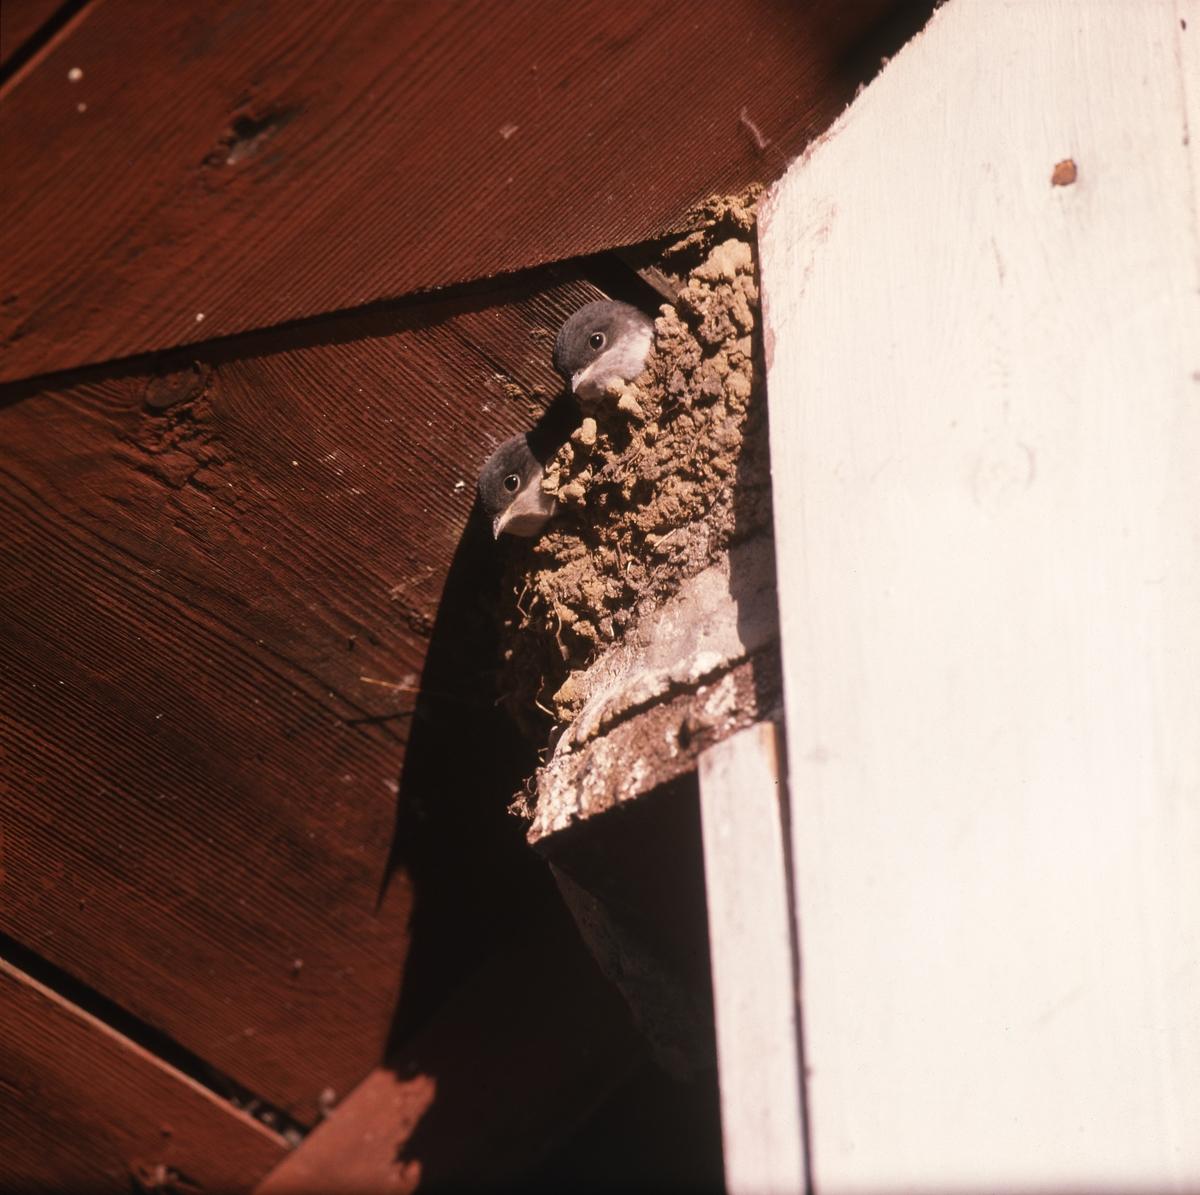 Två svalor tittar ut ur sitt bo vid en trävägg under ett tak.